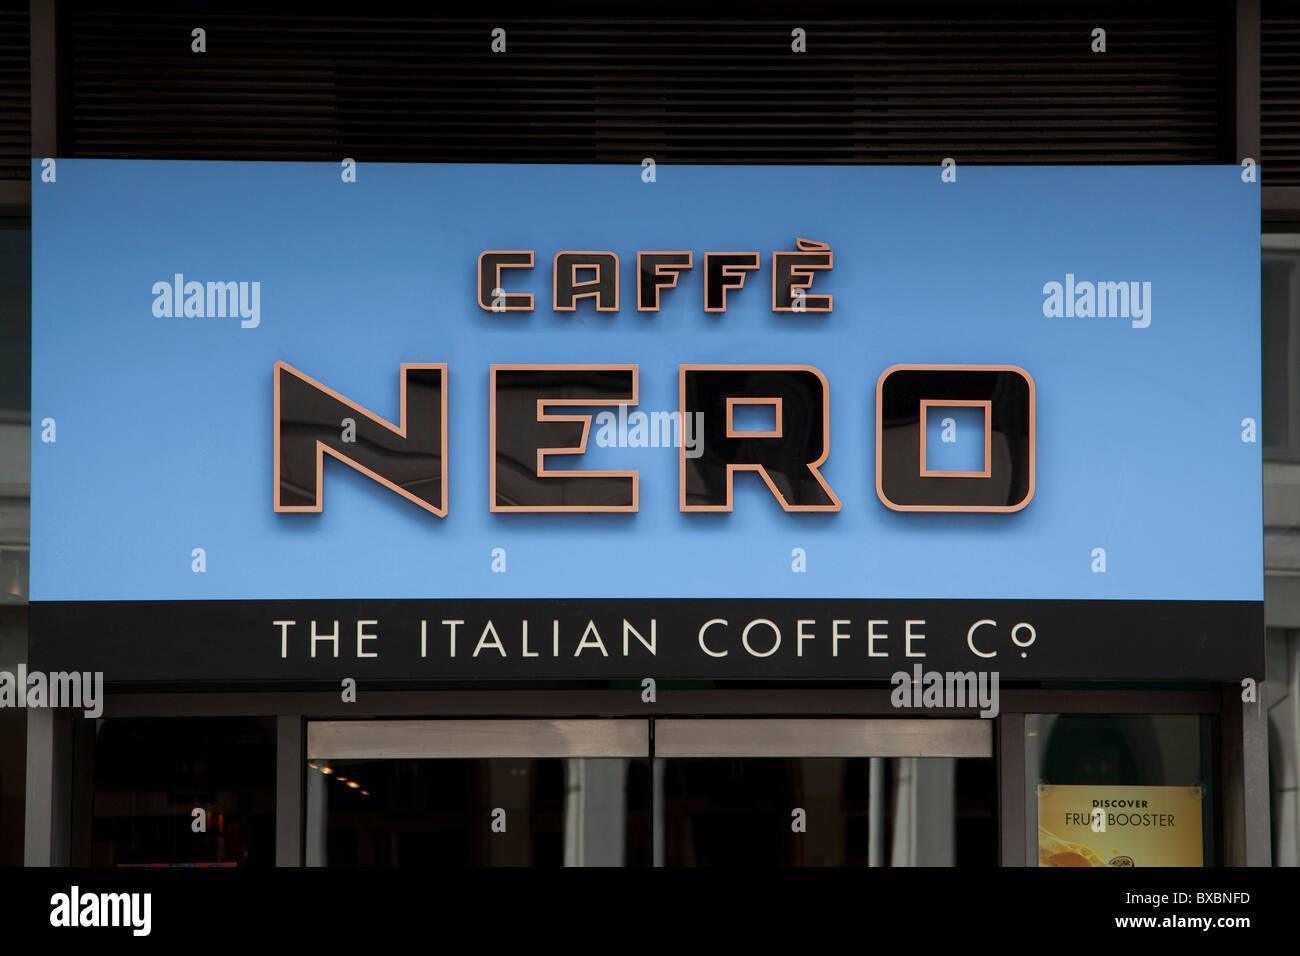 Cafe Names Uk Stock Photos & Cafe Names Uk Stock Images - Alamy